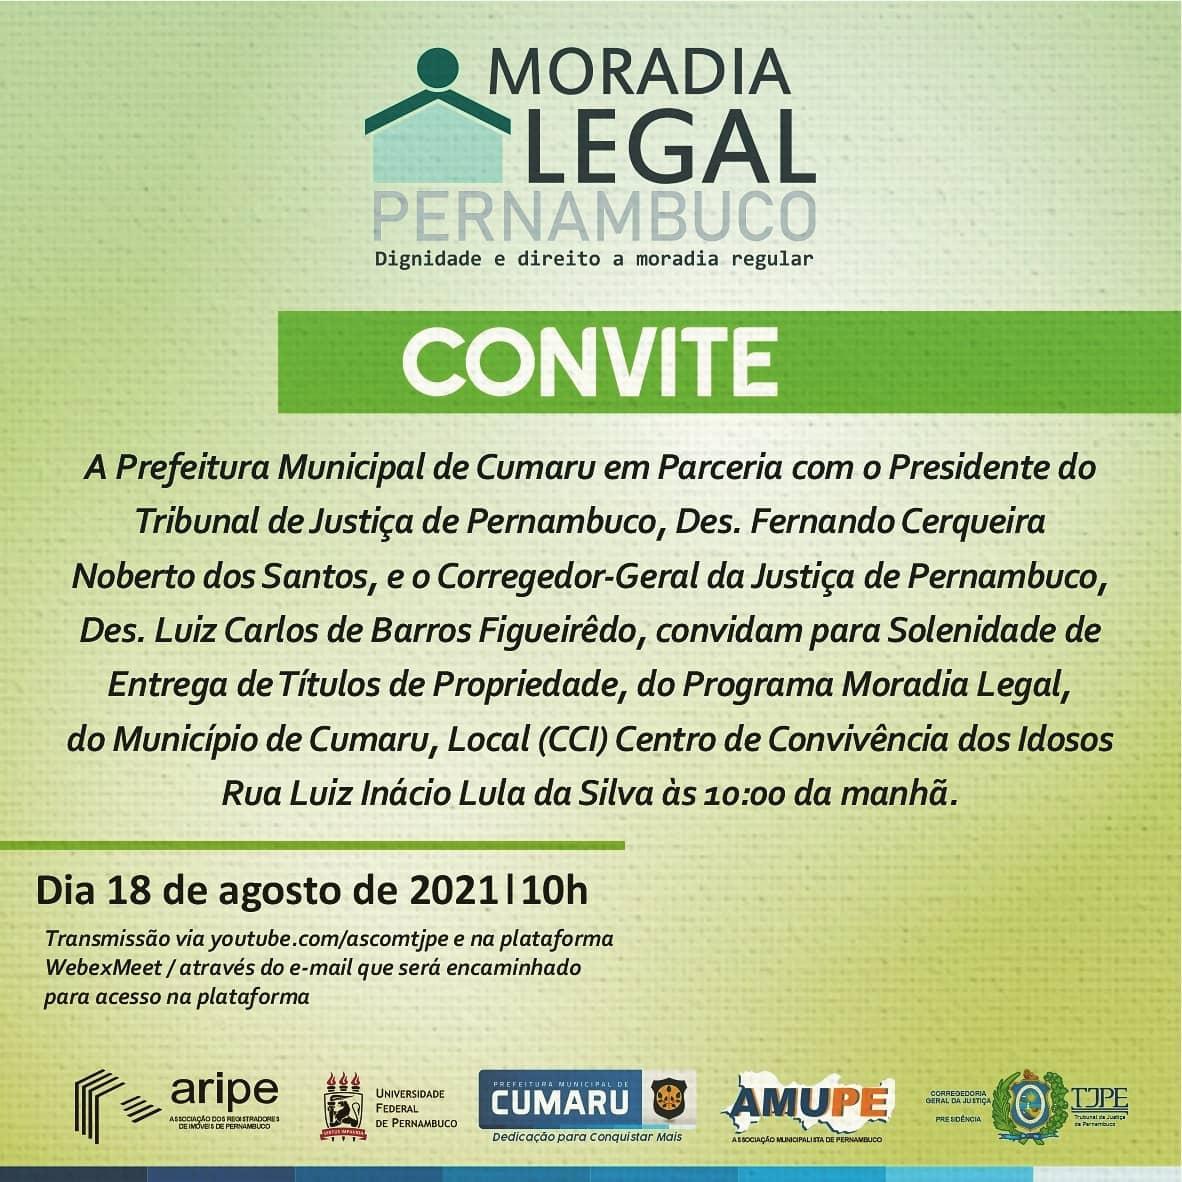 Solenidade de Entrega de Títulos de Propriedade, do Programa Moradia Legal